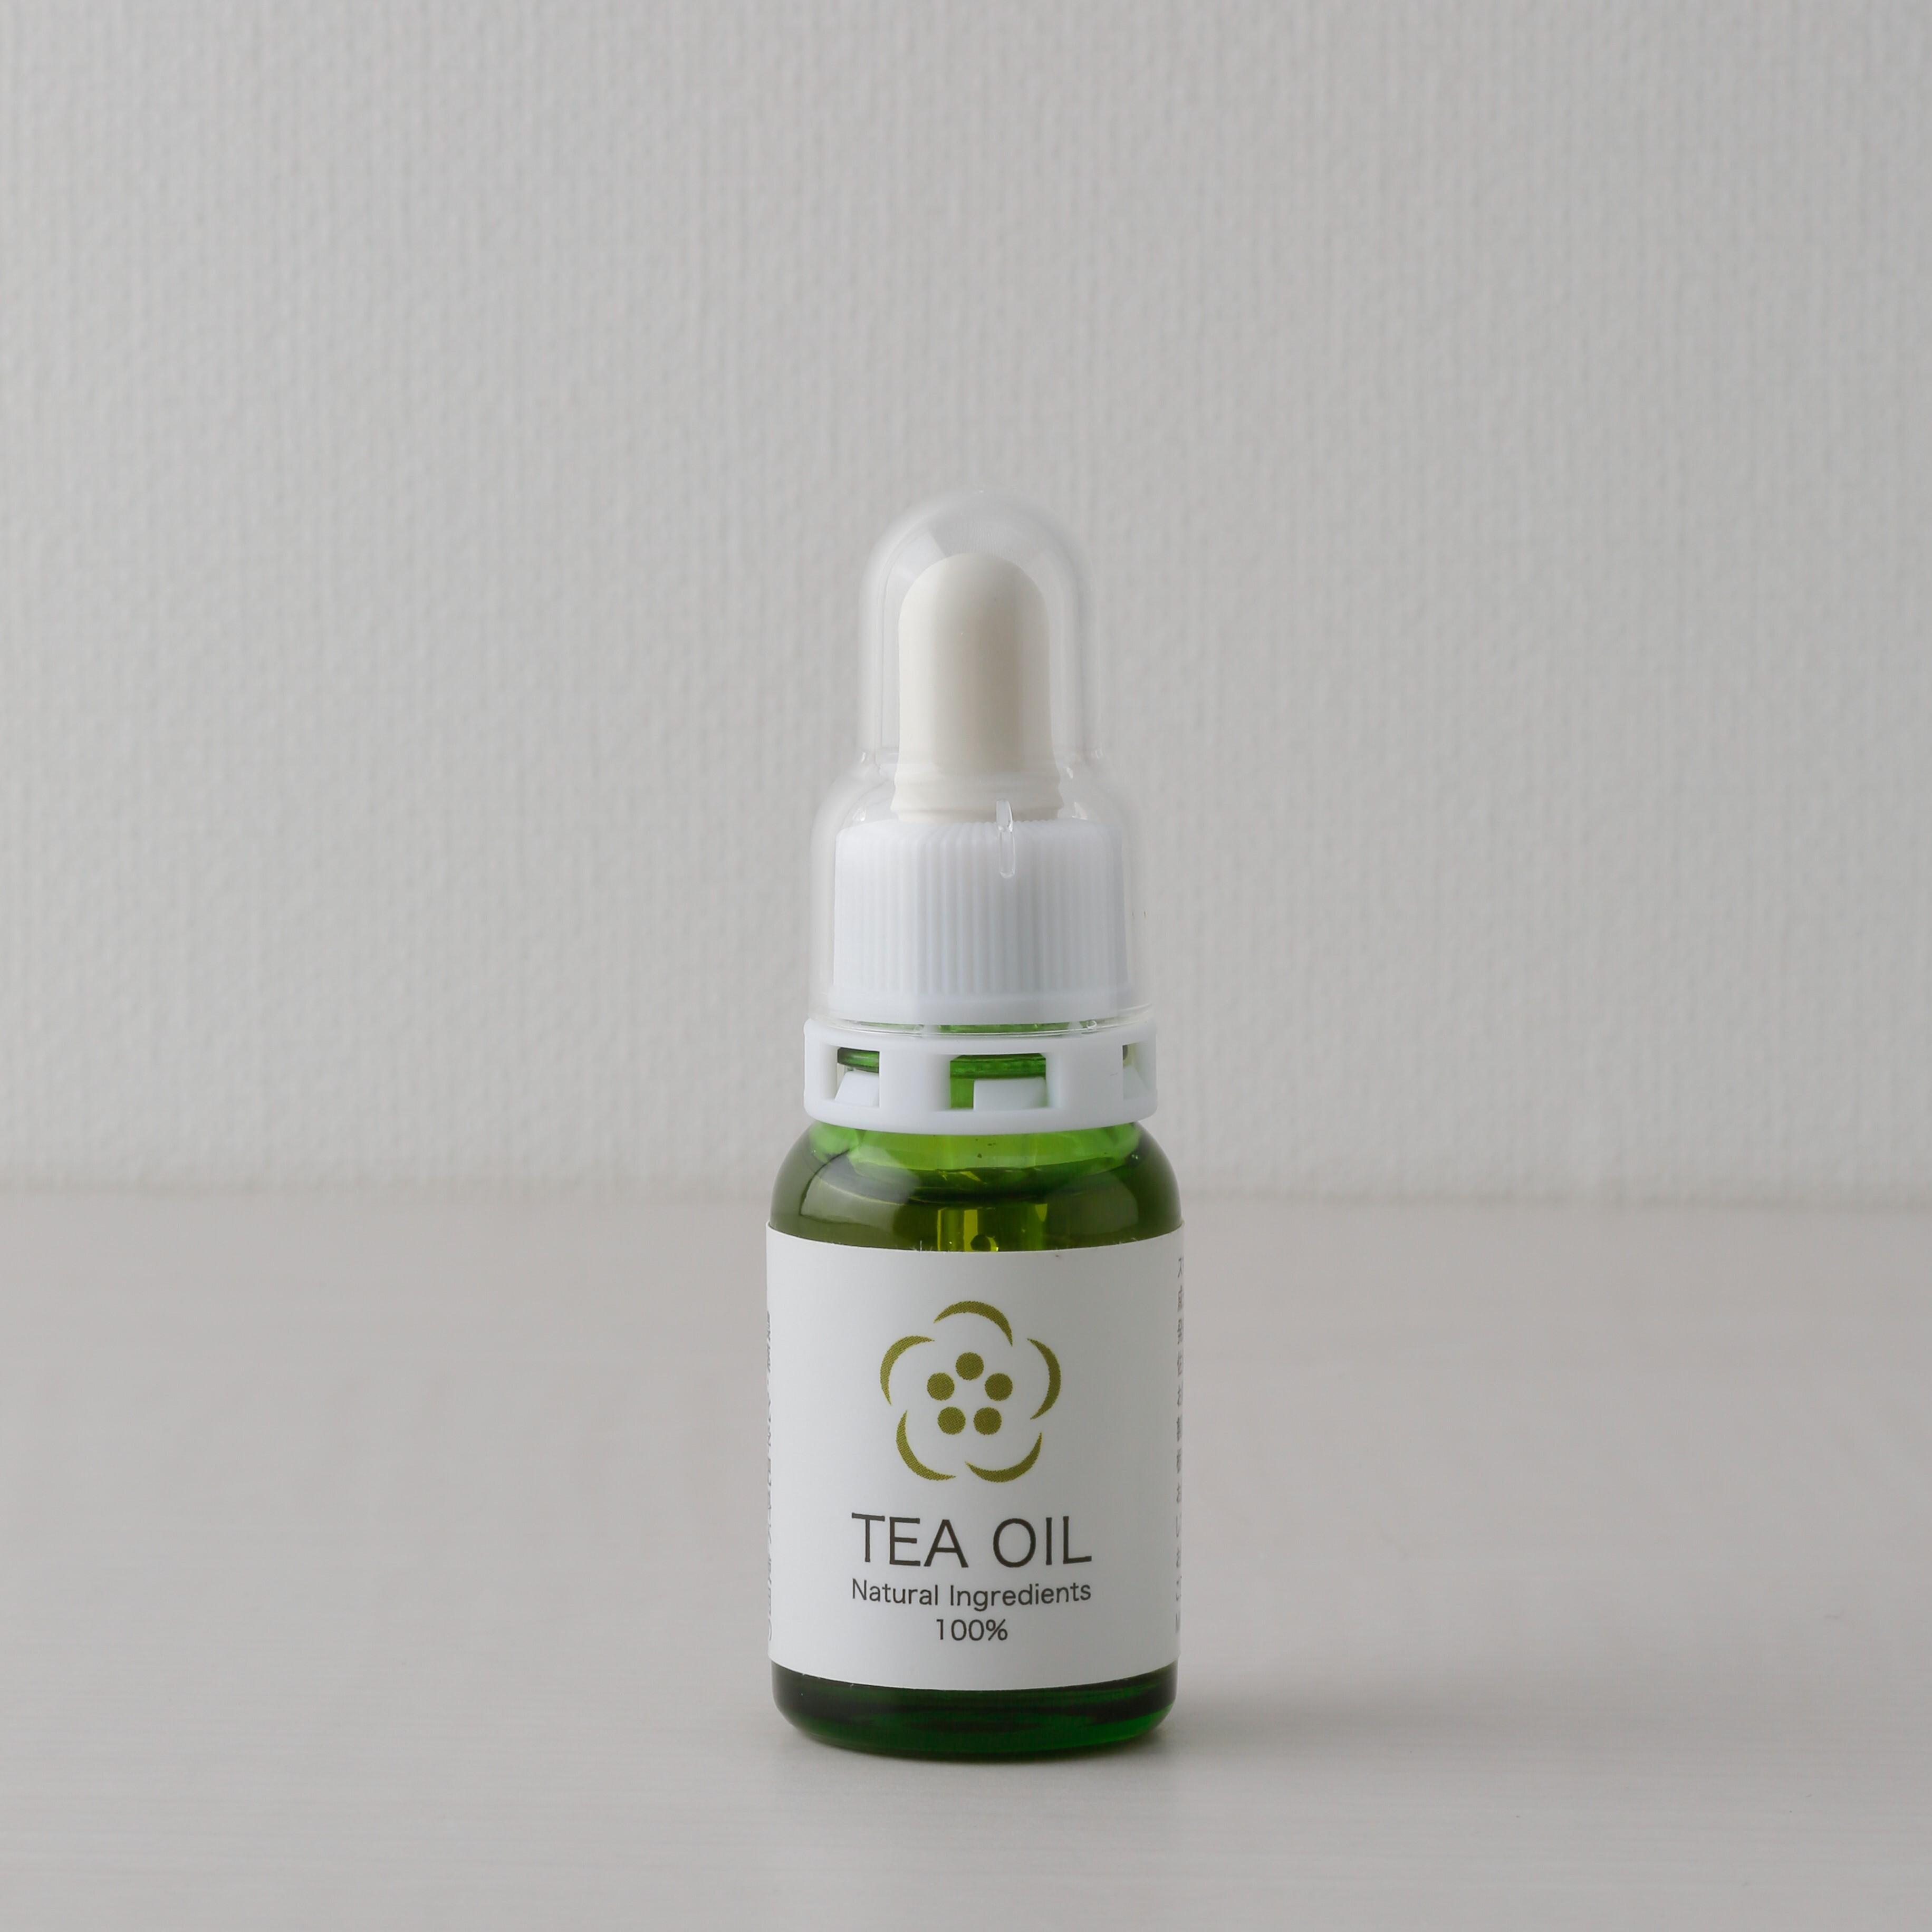 【3個セット】TEA OIL Selection TEA OIL 10mL【茶の実オイル】